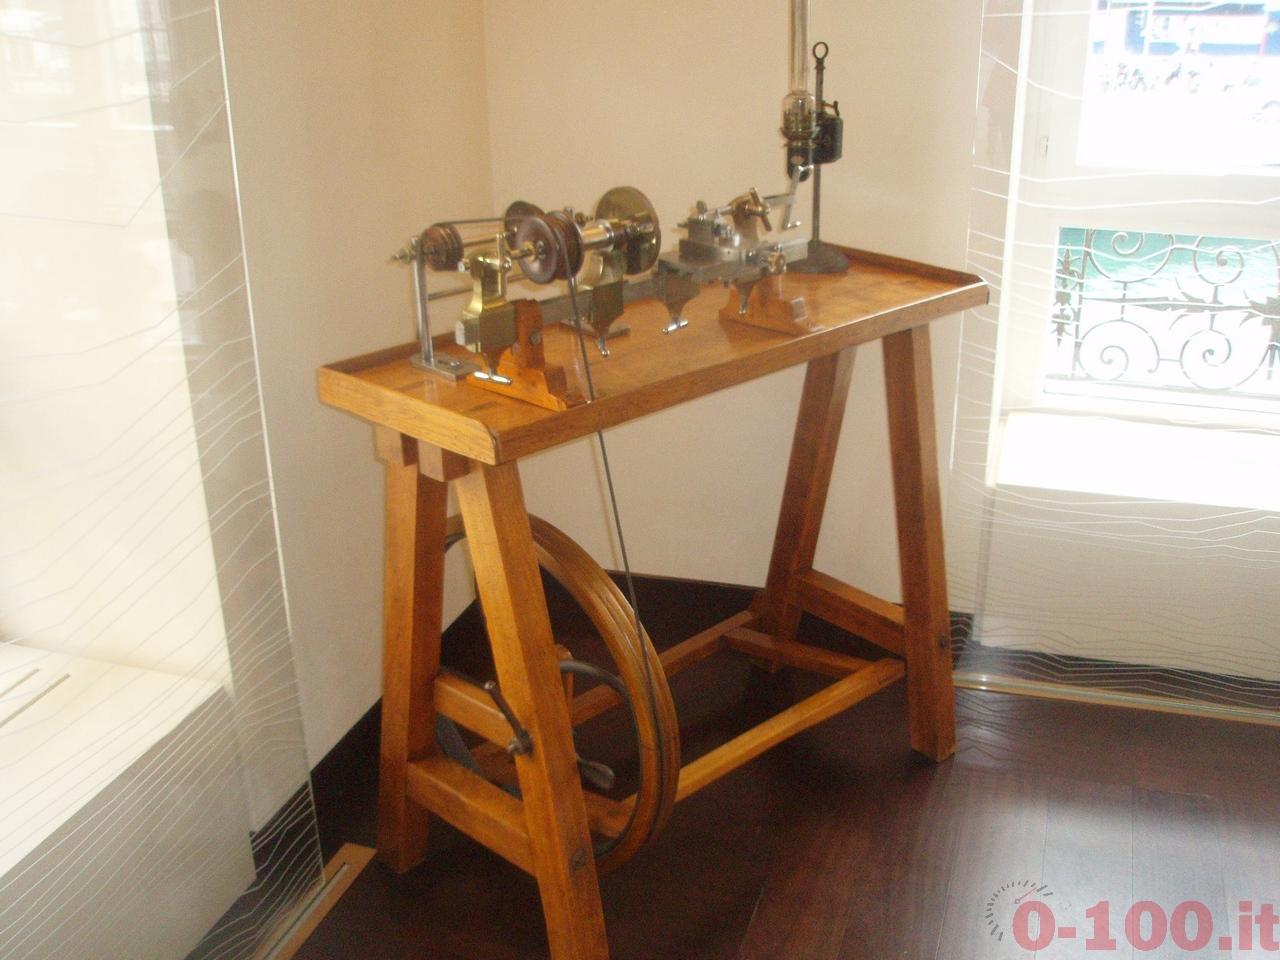 gli-speciali-di-0-100-vacheron-constantin-ginevra-una-boutique-museo_0-100